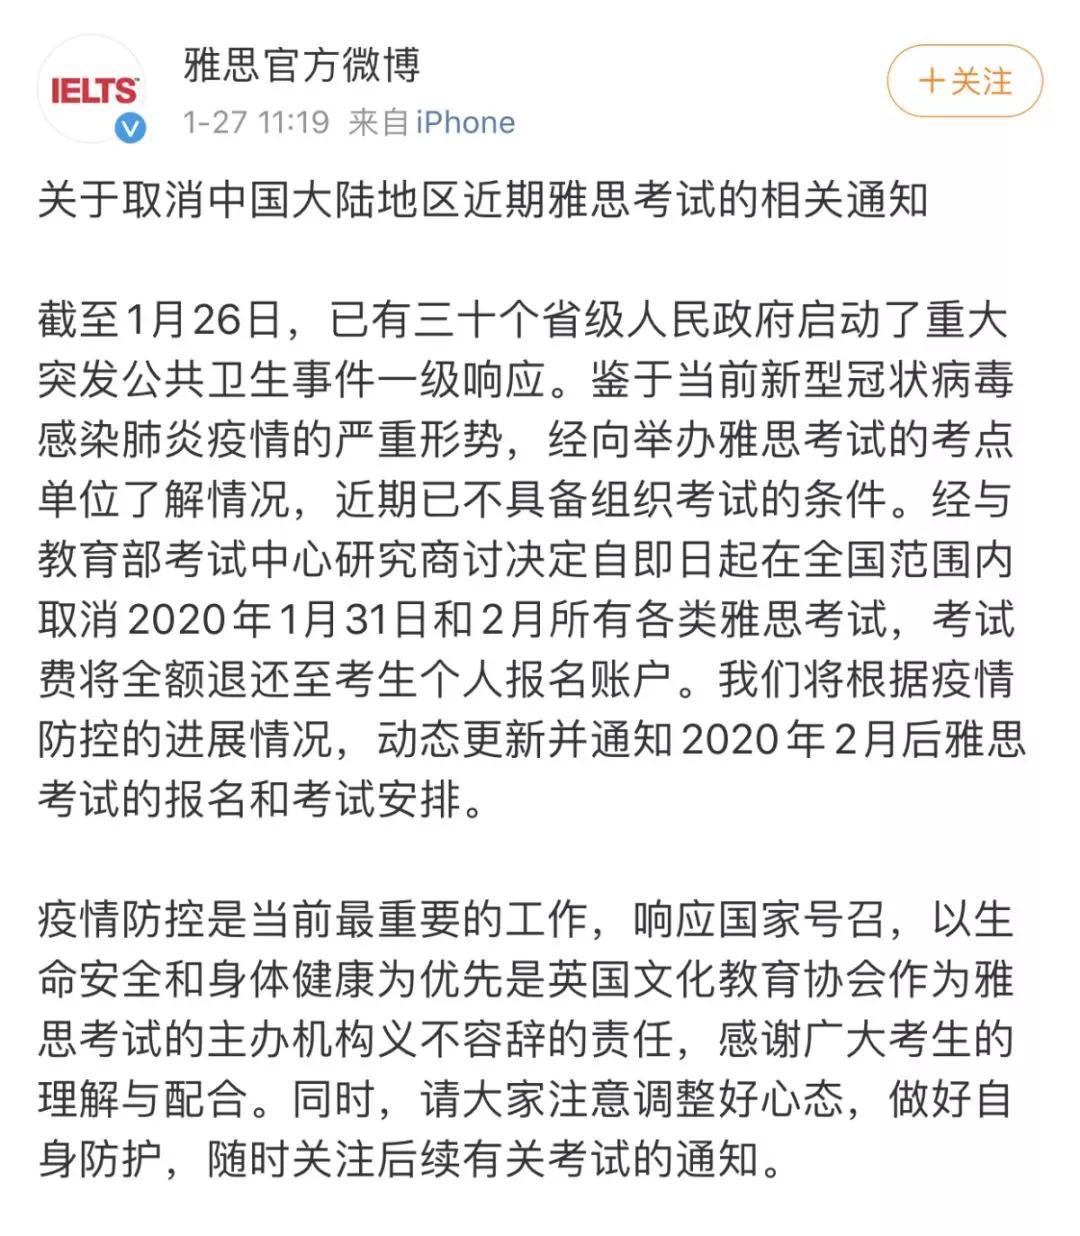 受疫情影响中国国内雅思托福考点2月考试均已取消,新加坡暂时未有调整